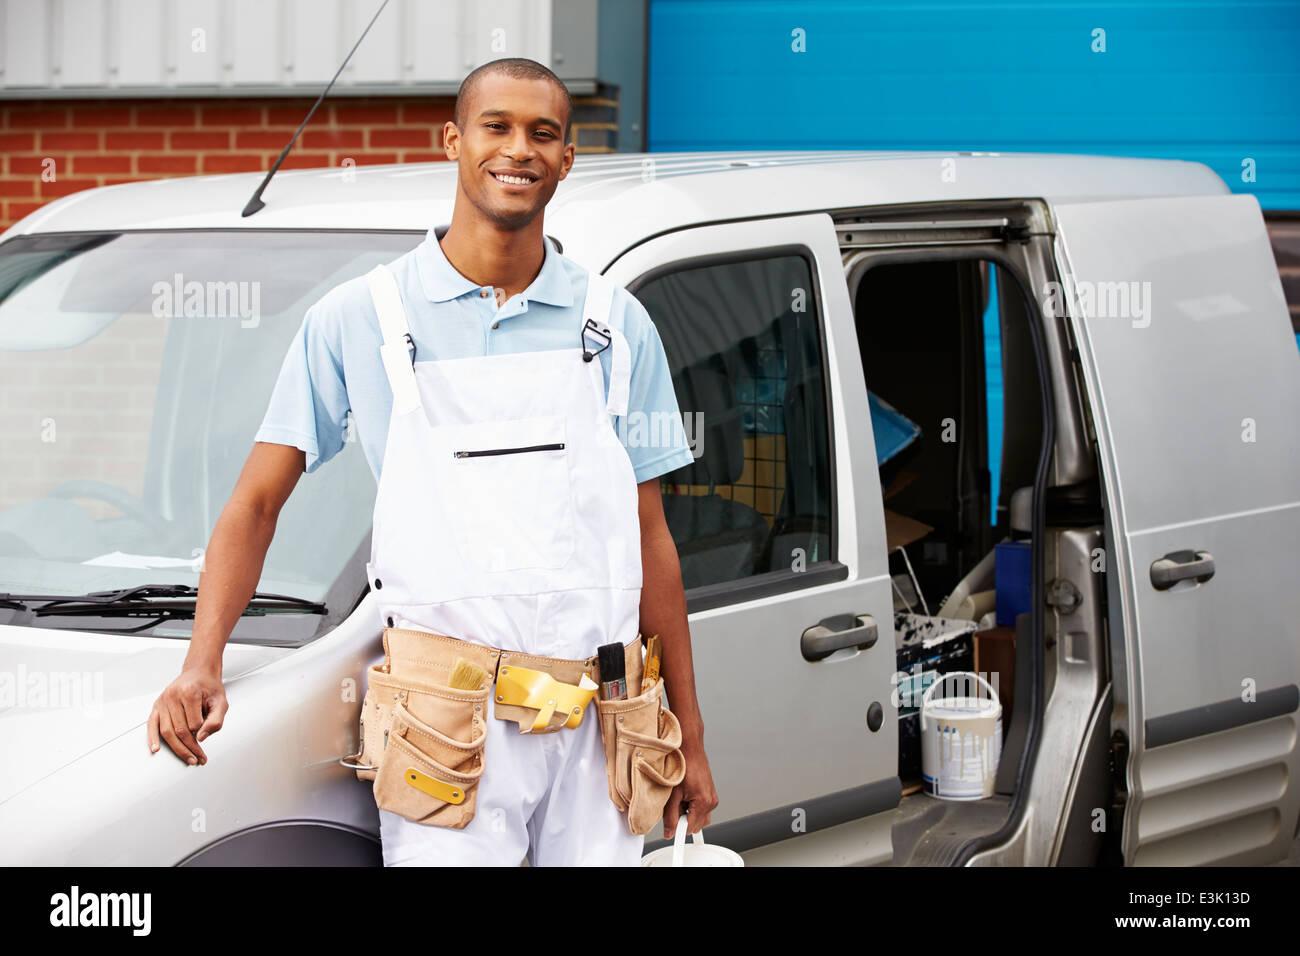 Decorator Wearing Overalls Standing Next To Van - Stock Image